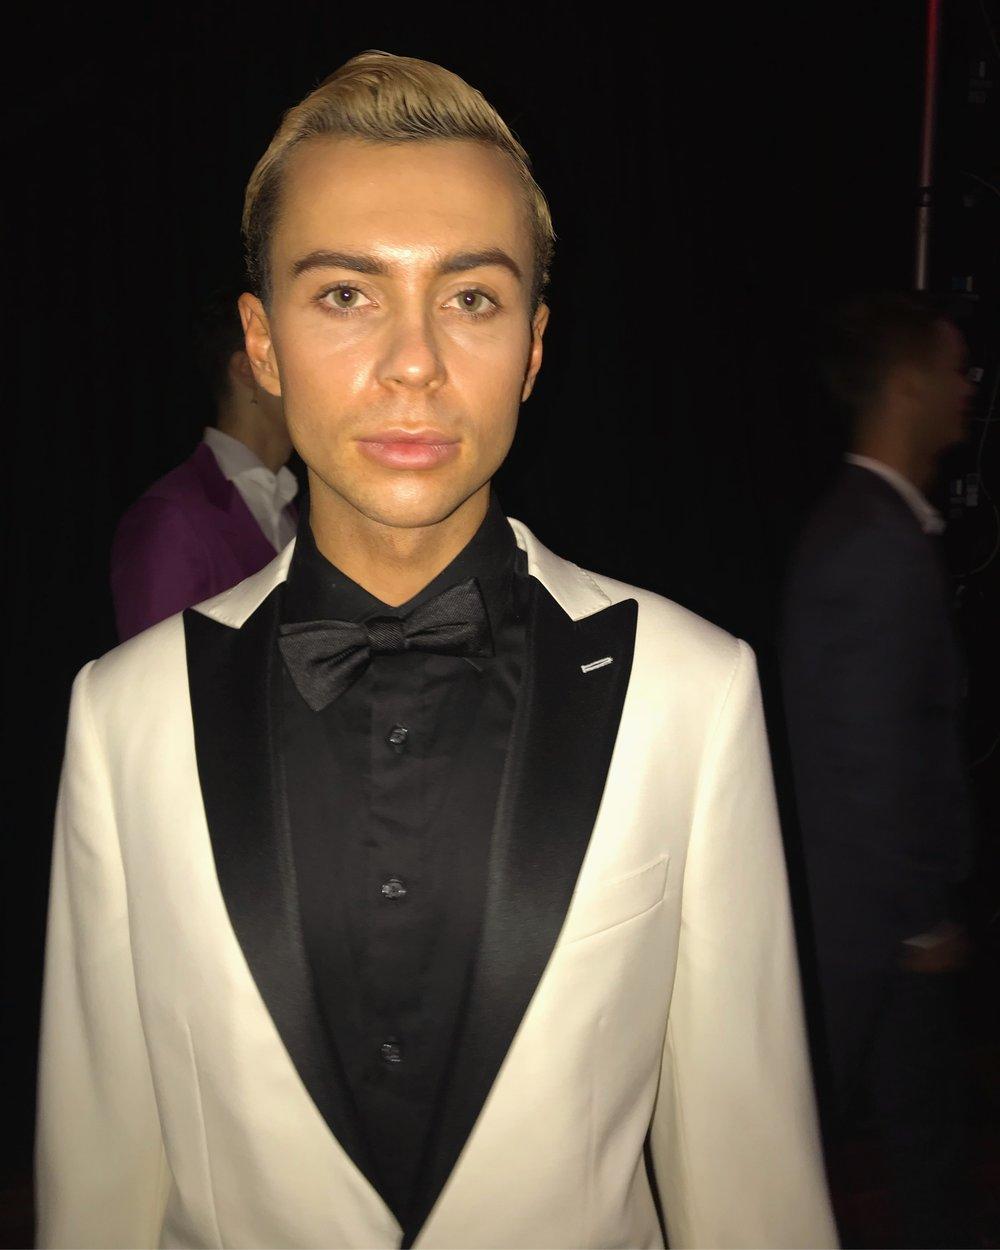 Kurt backstage